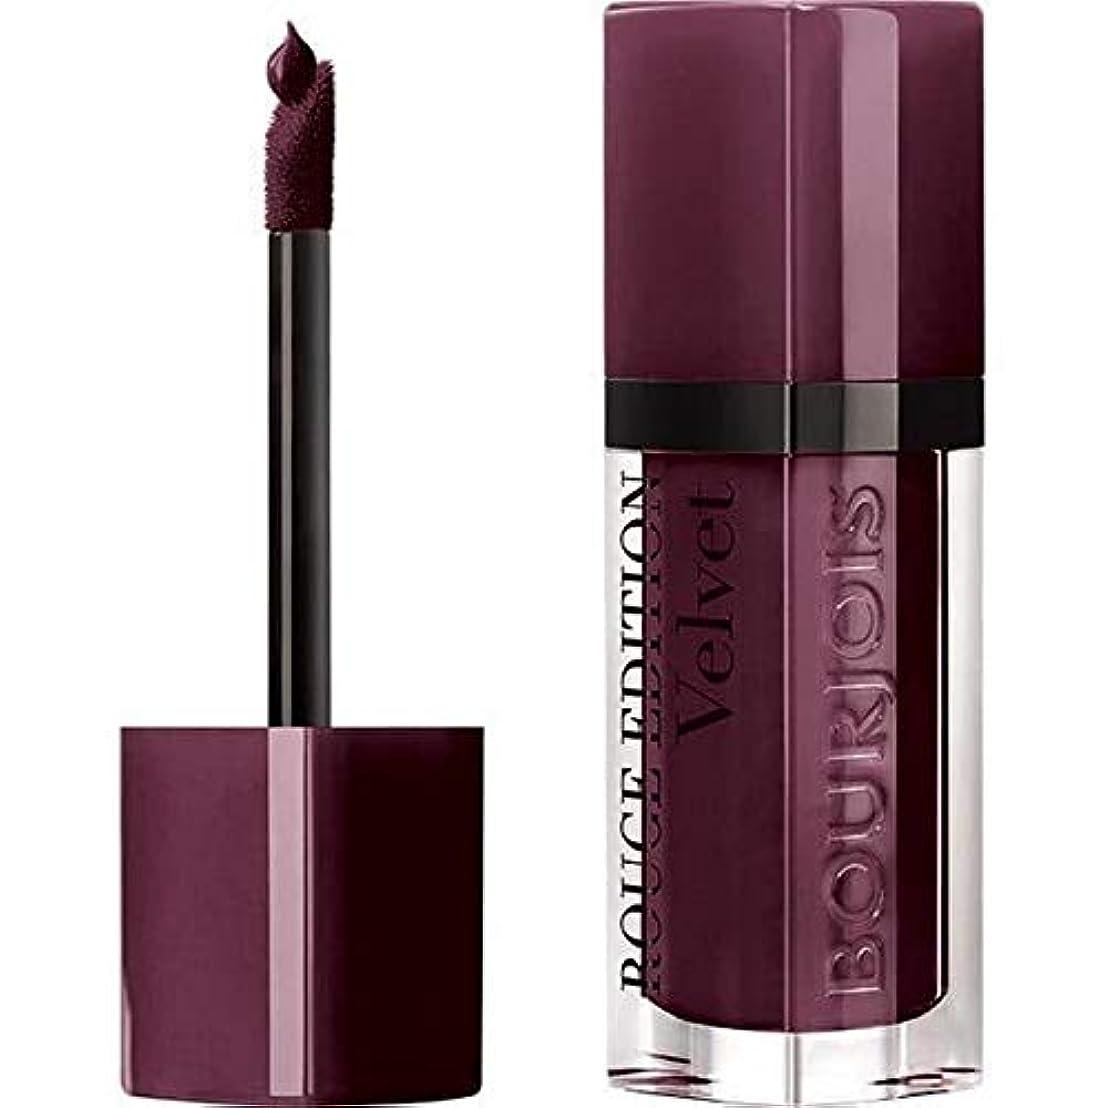 呼びかけるたくさんの合法[Bourjois ] ブルジョワ口紅ルージュ版のベルベットのシックな25ベリー - Bourjois Lipstick Rouge Edition Velvet 25 Berry Chic [並行輸入品]